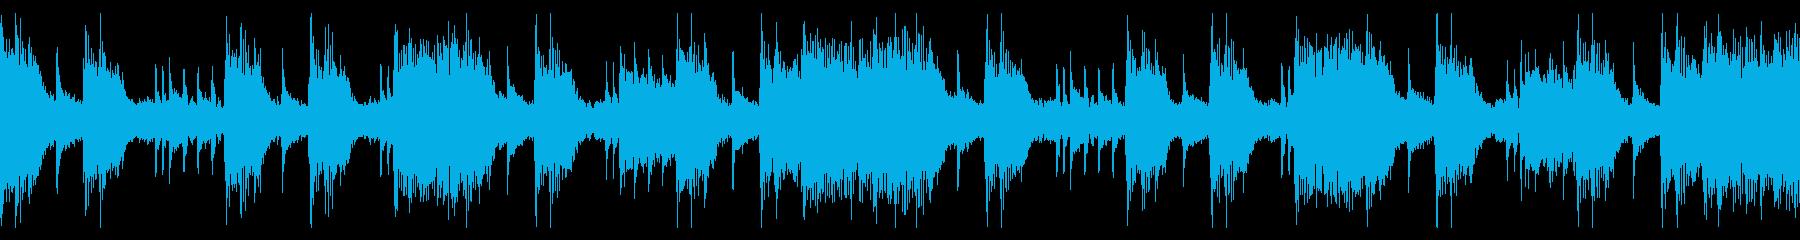 怒りのハードロック(ループ)の再生済みの波形